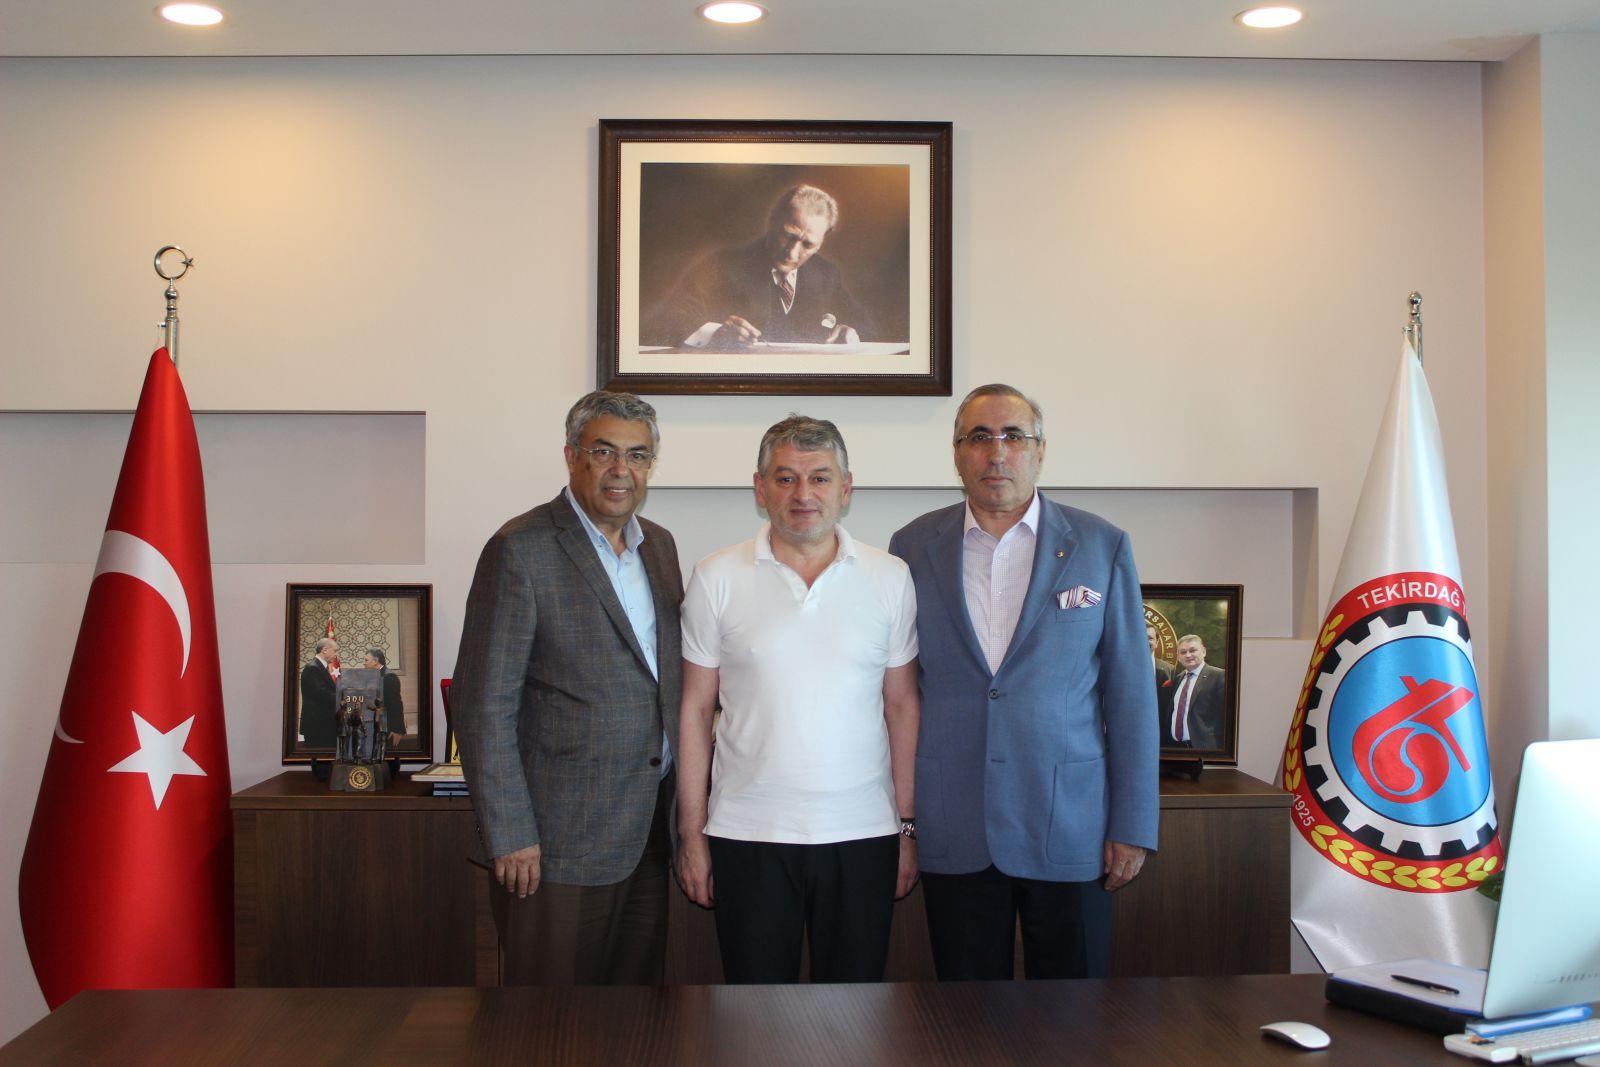 Polatlı TB Başkanı Yahya Toplu Tekirdağ TSO'yu Ziyaret Etti